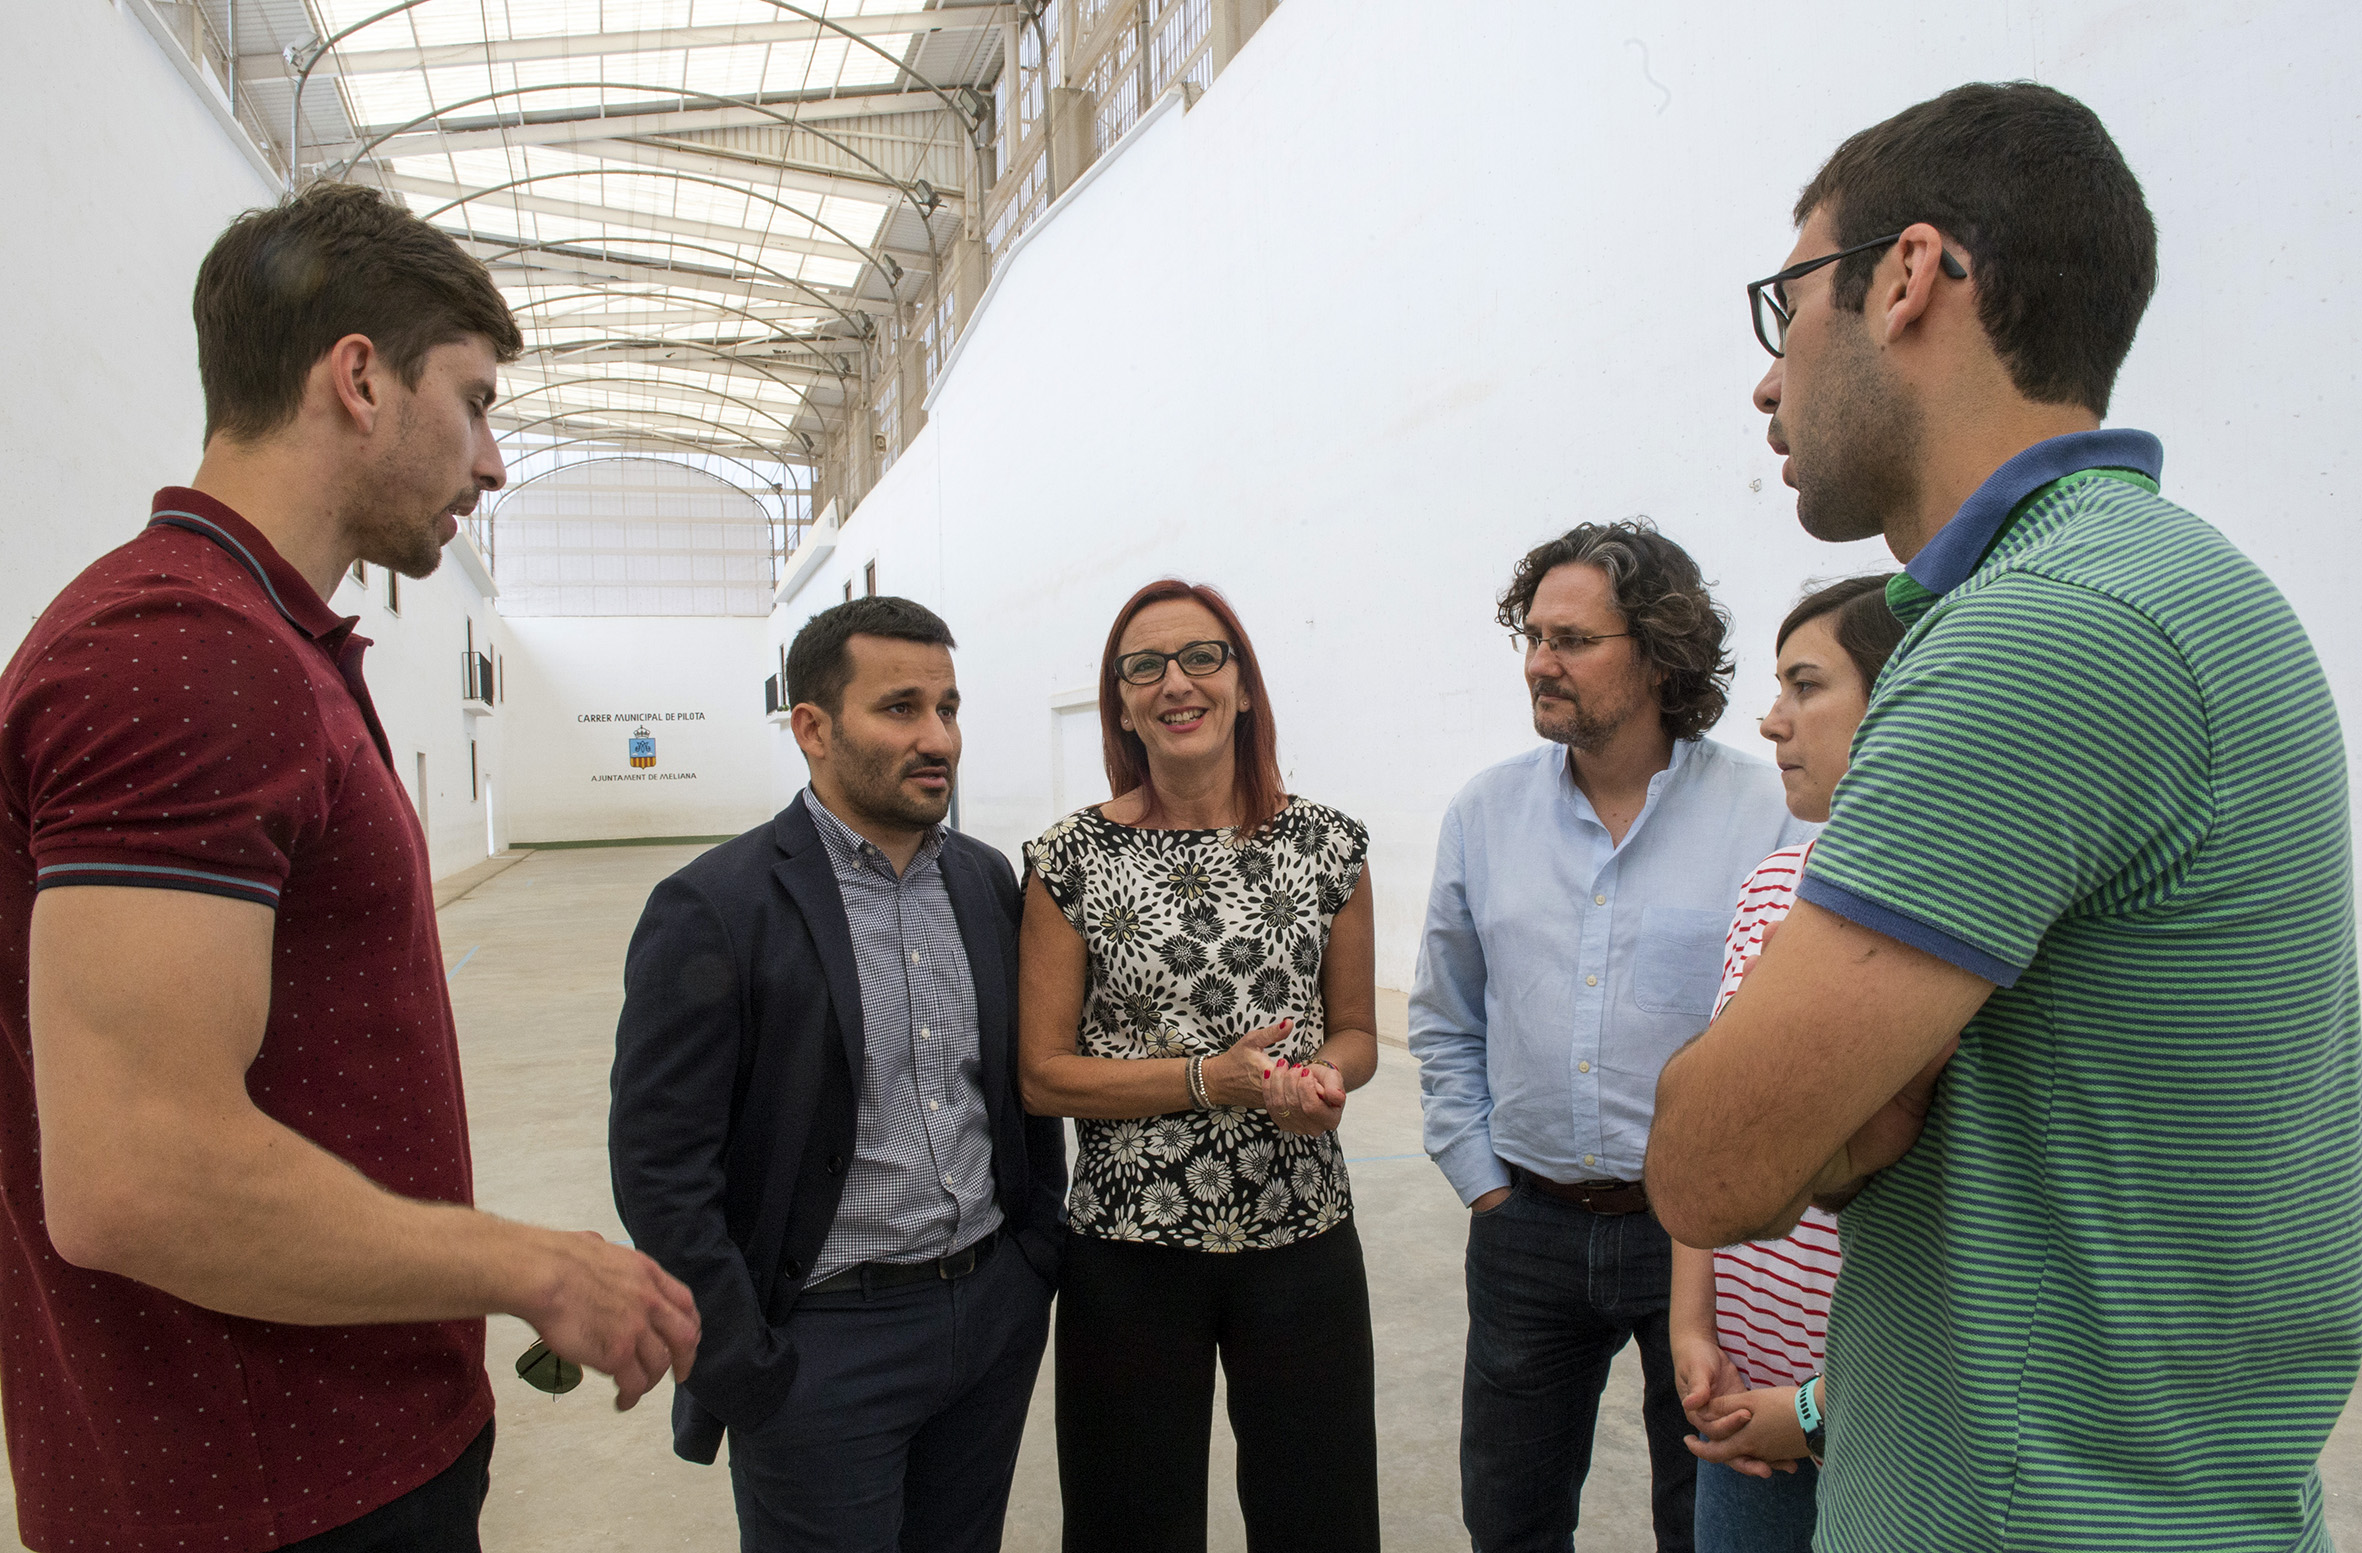 El nuevo Plan de Trinquetes repartirá 2 millones de euros en ayudas a 31 municipios valencianos, que cubrirán entre el 80 y el 100% del coste de los proyectos.